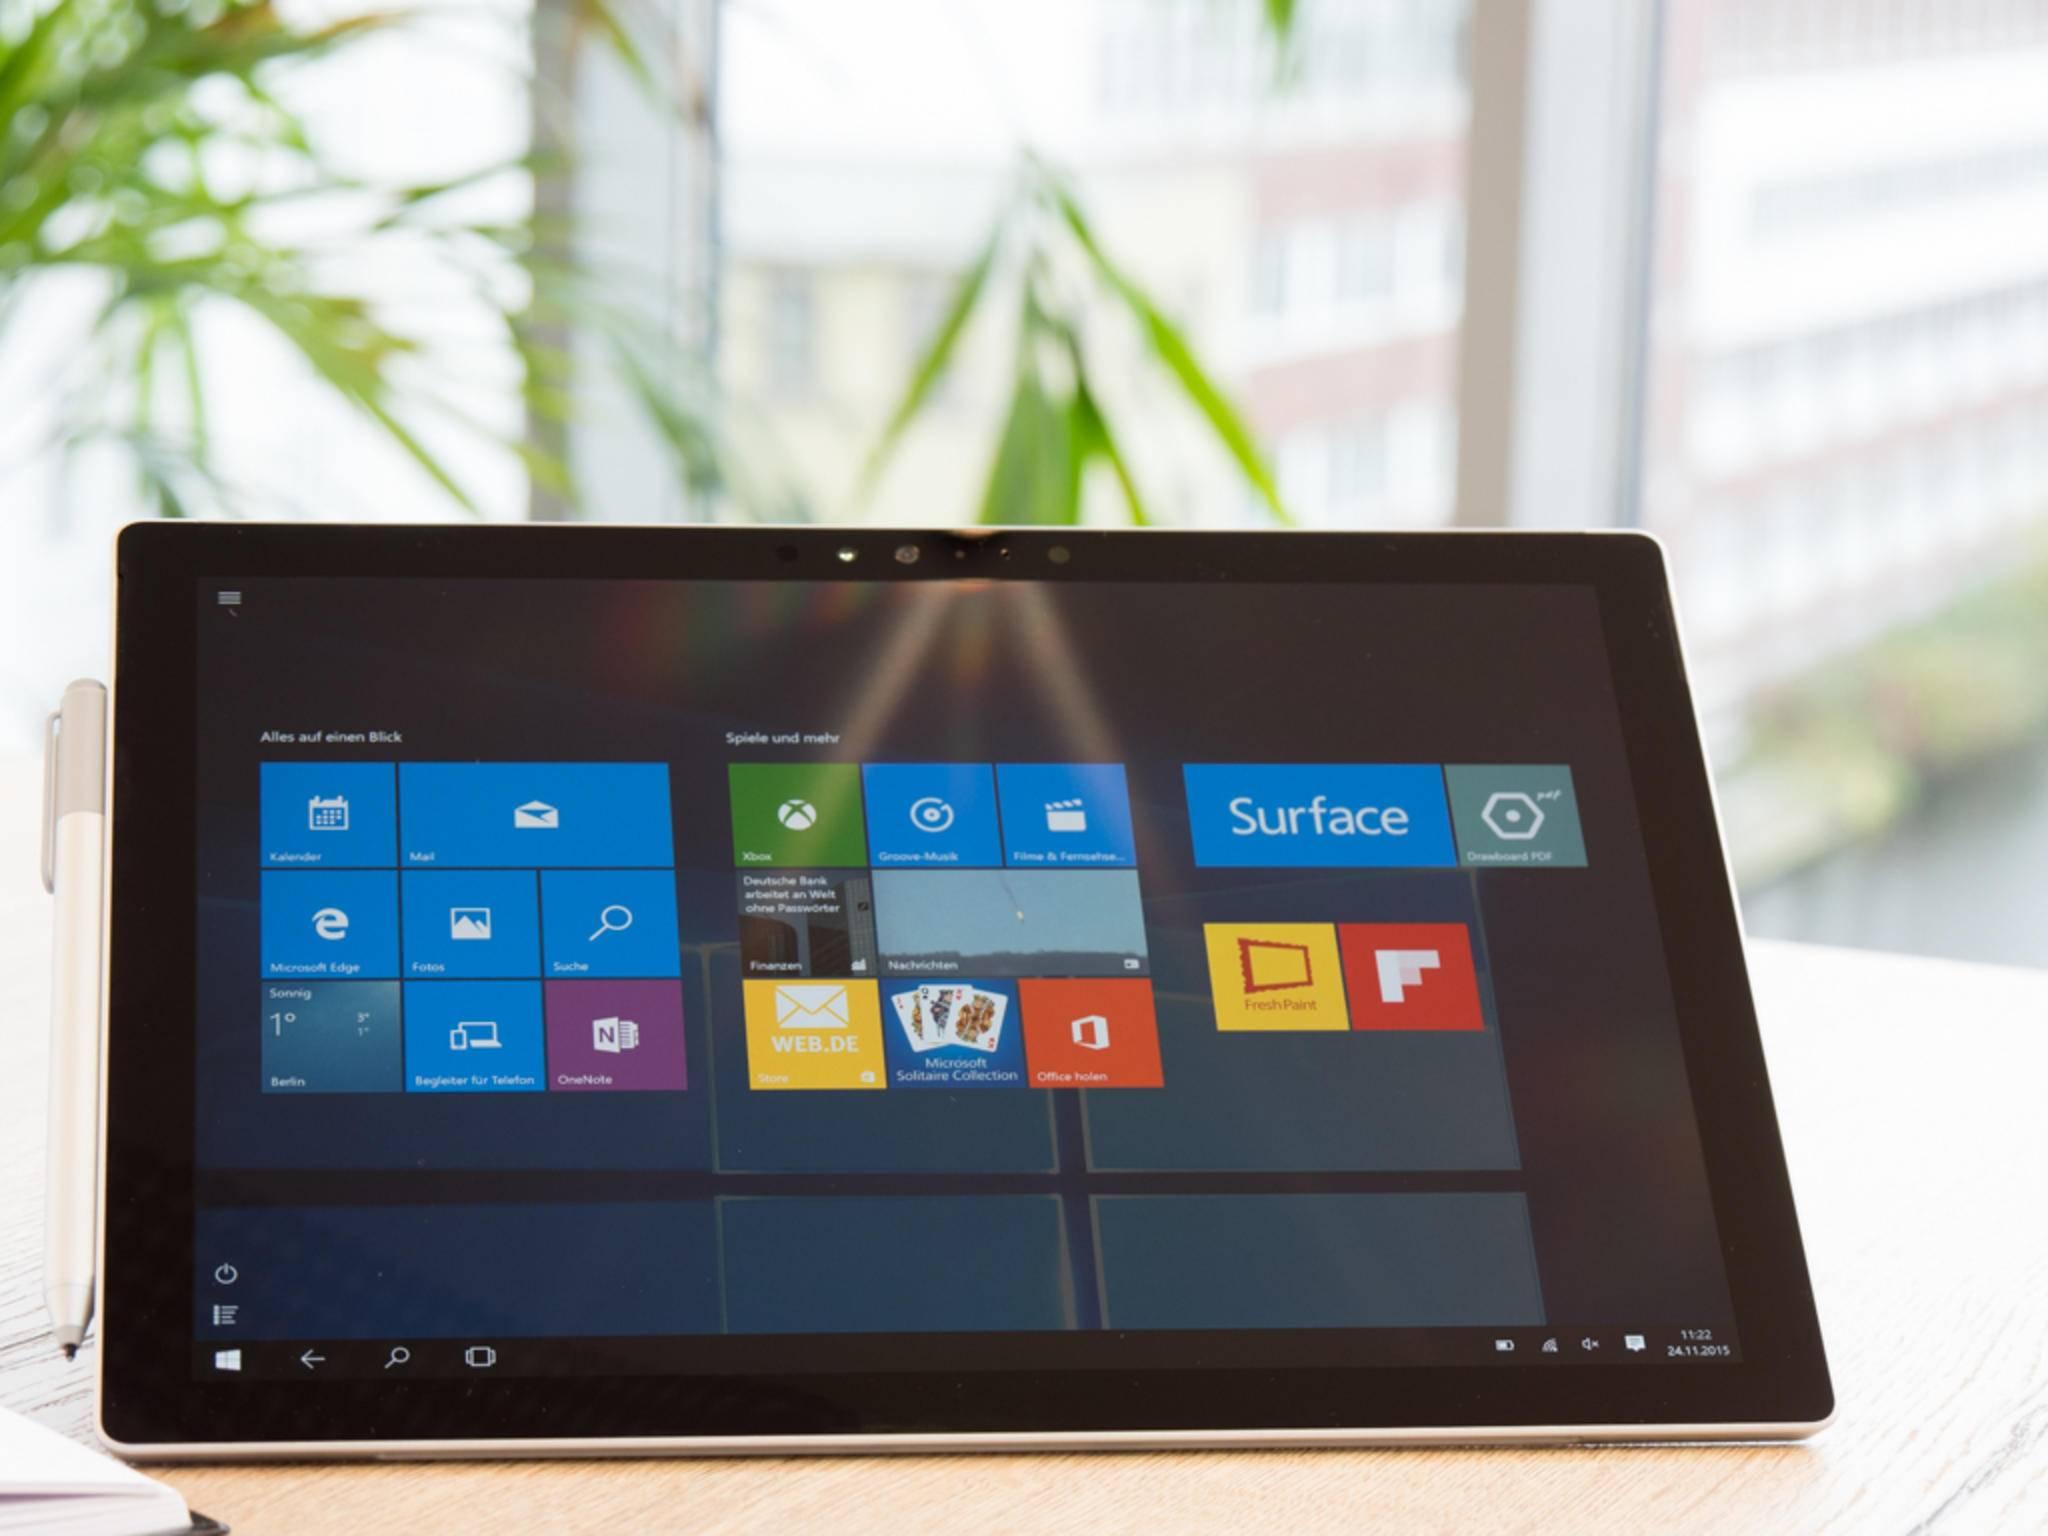 Voraussichtlich erhält das Surface Pro 4 ein Prozessorupgrade, aber noch keinen Nachfolger.